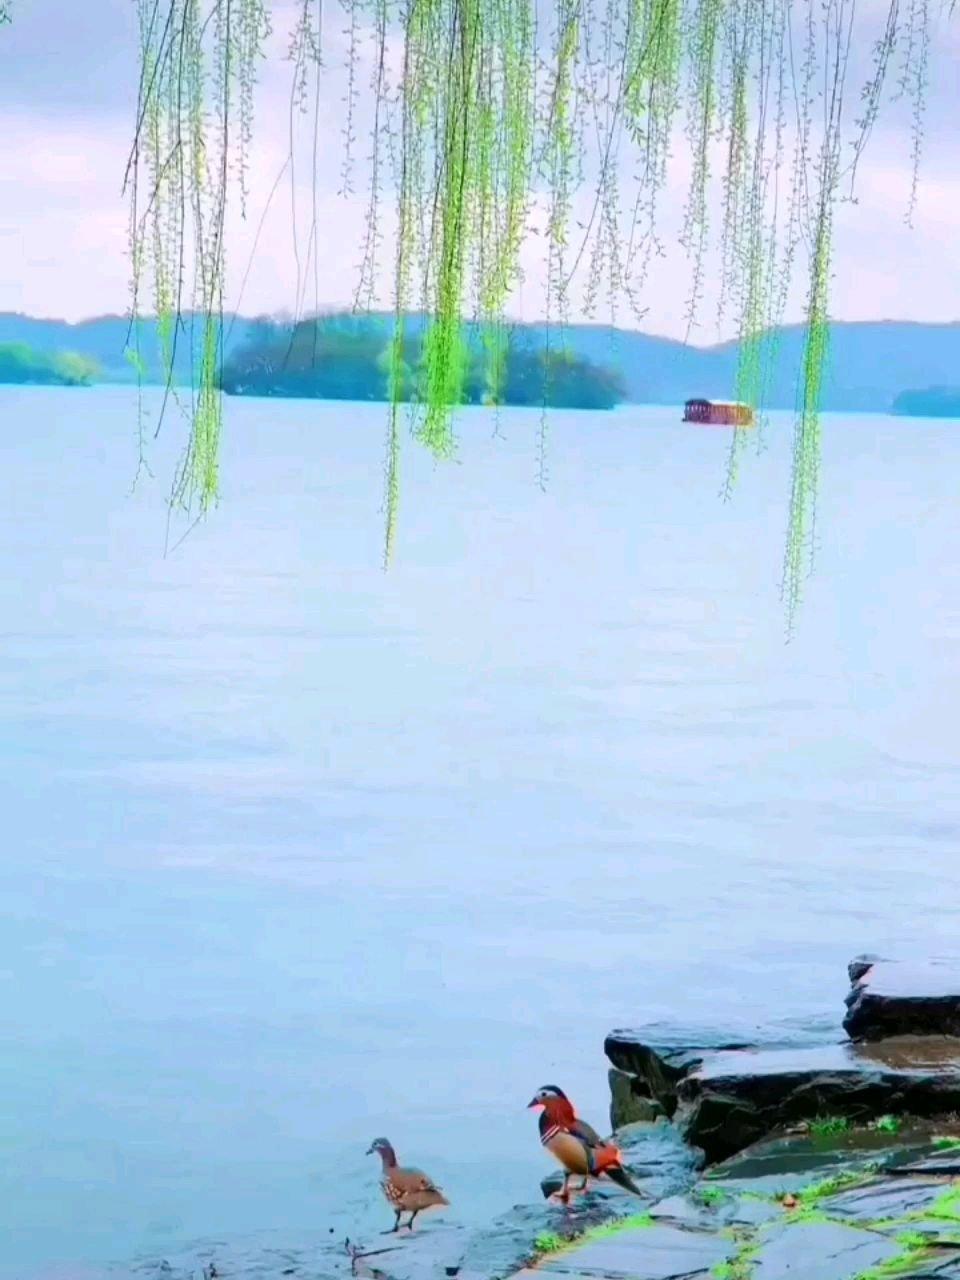 春江霏雨野茫茫,柳岸清风拂韵长。朝夕相依烟水畔,佛仙也要羡鸳鸯。??